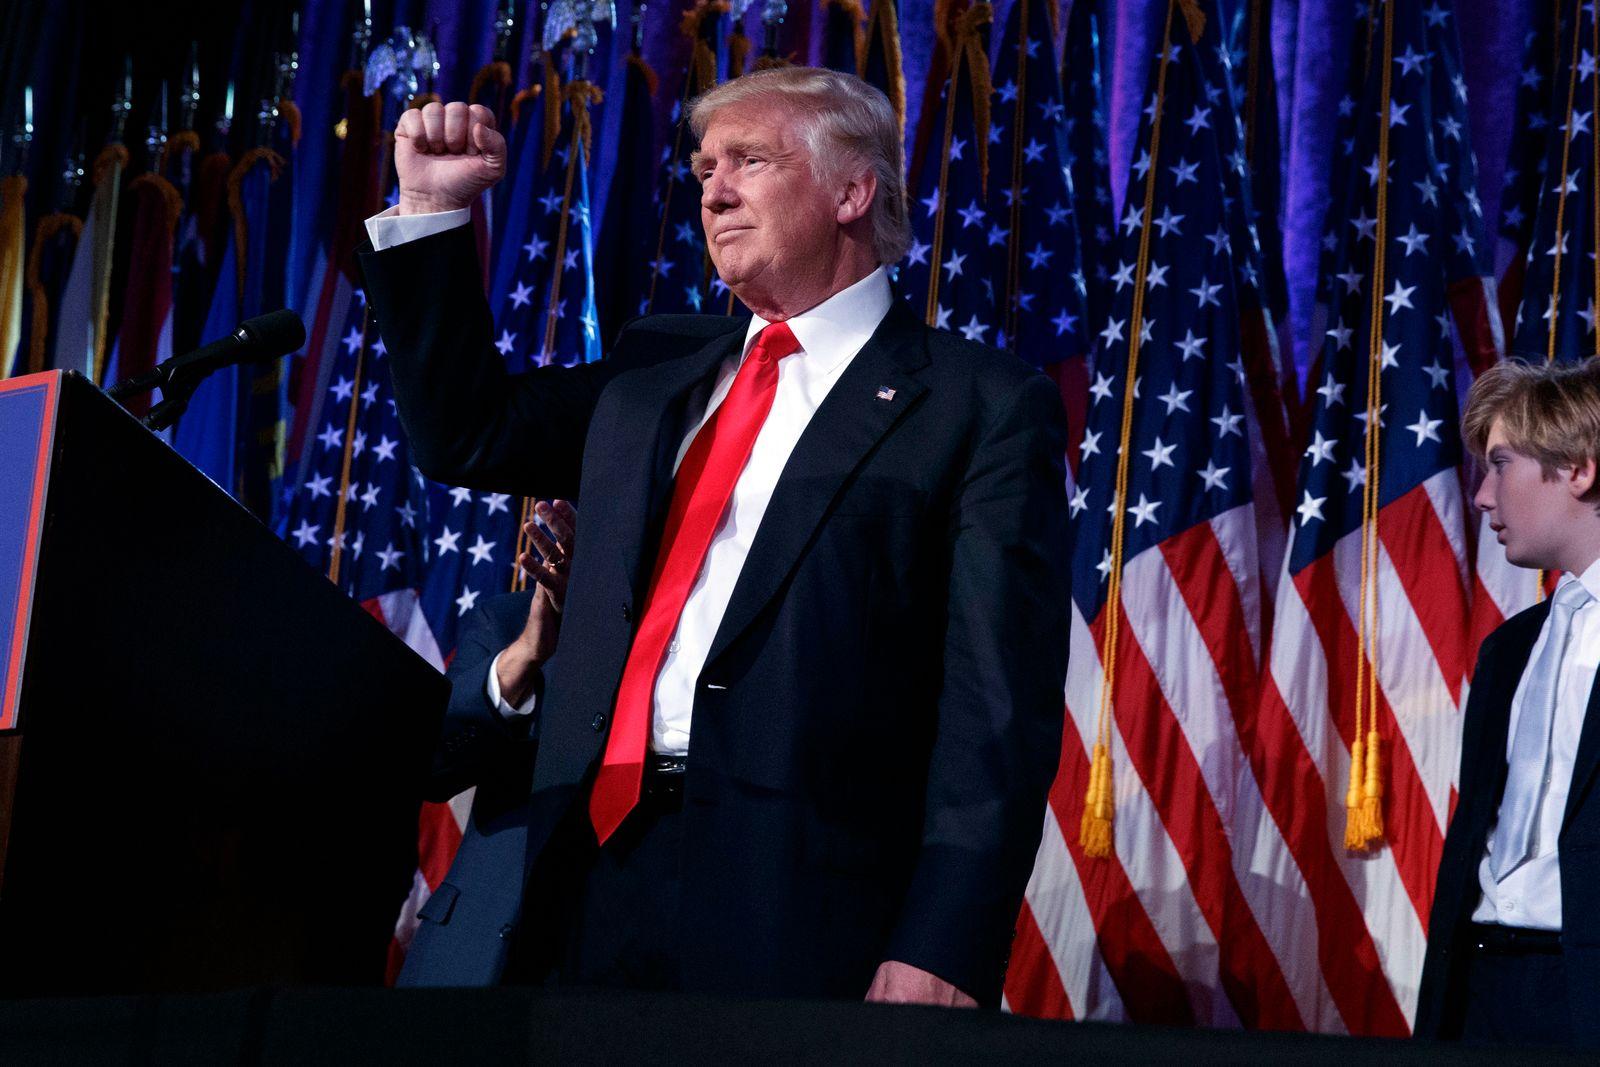 Trump / Sieg